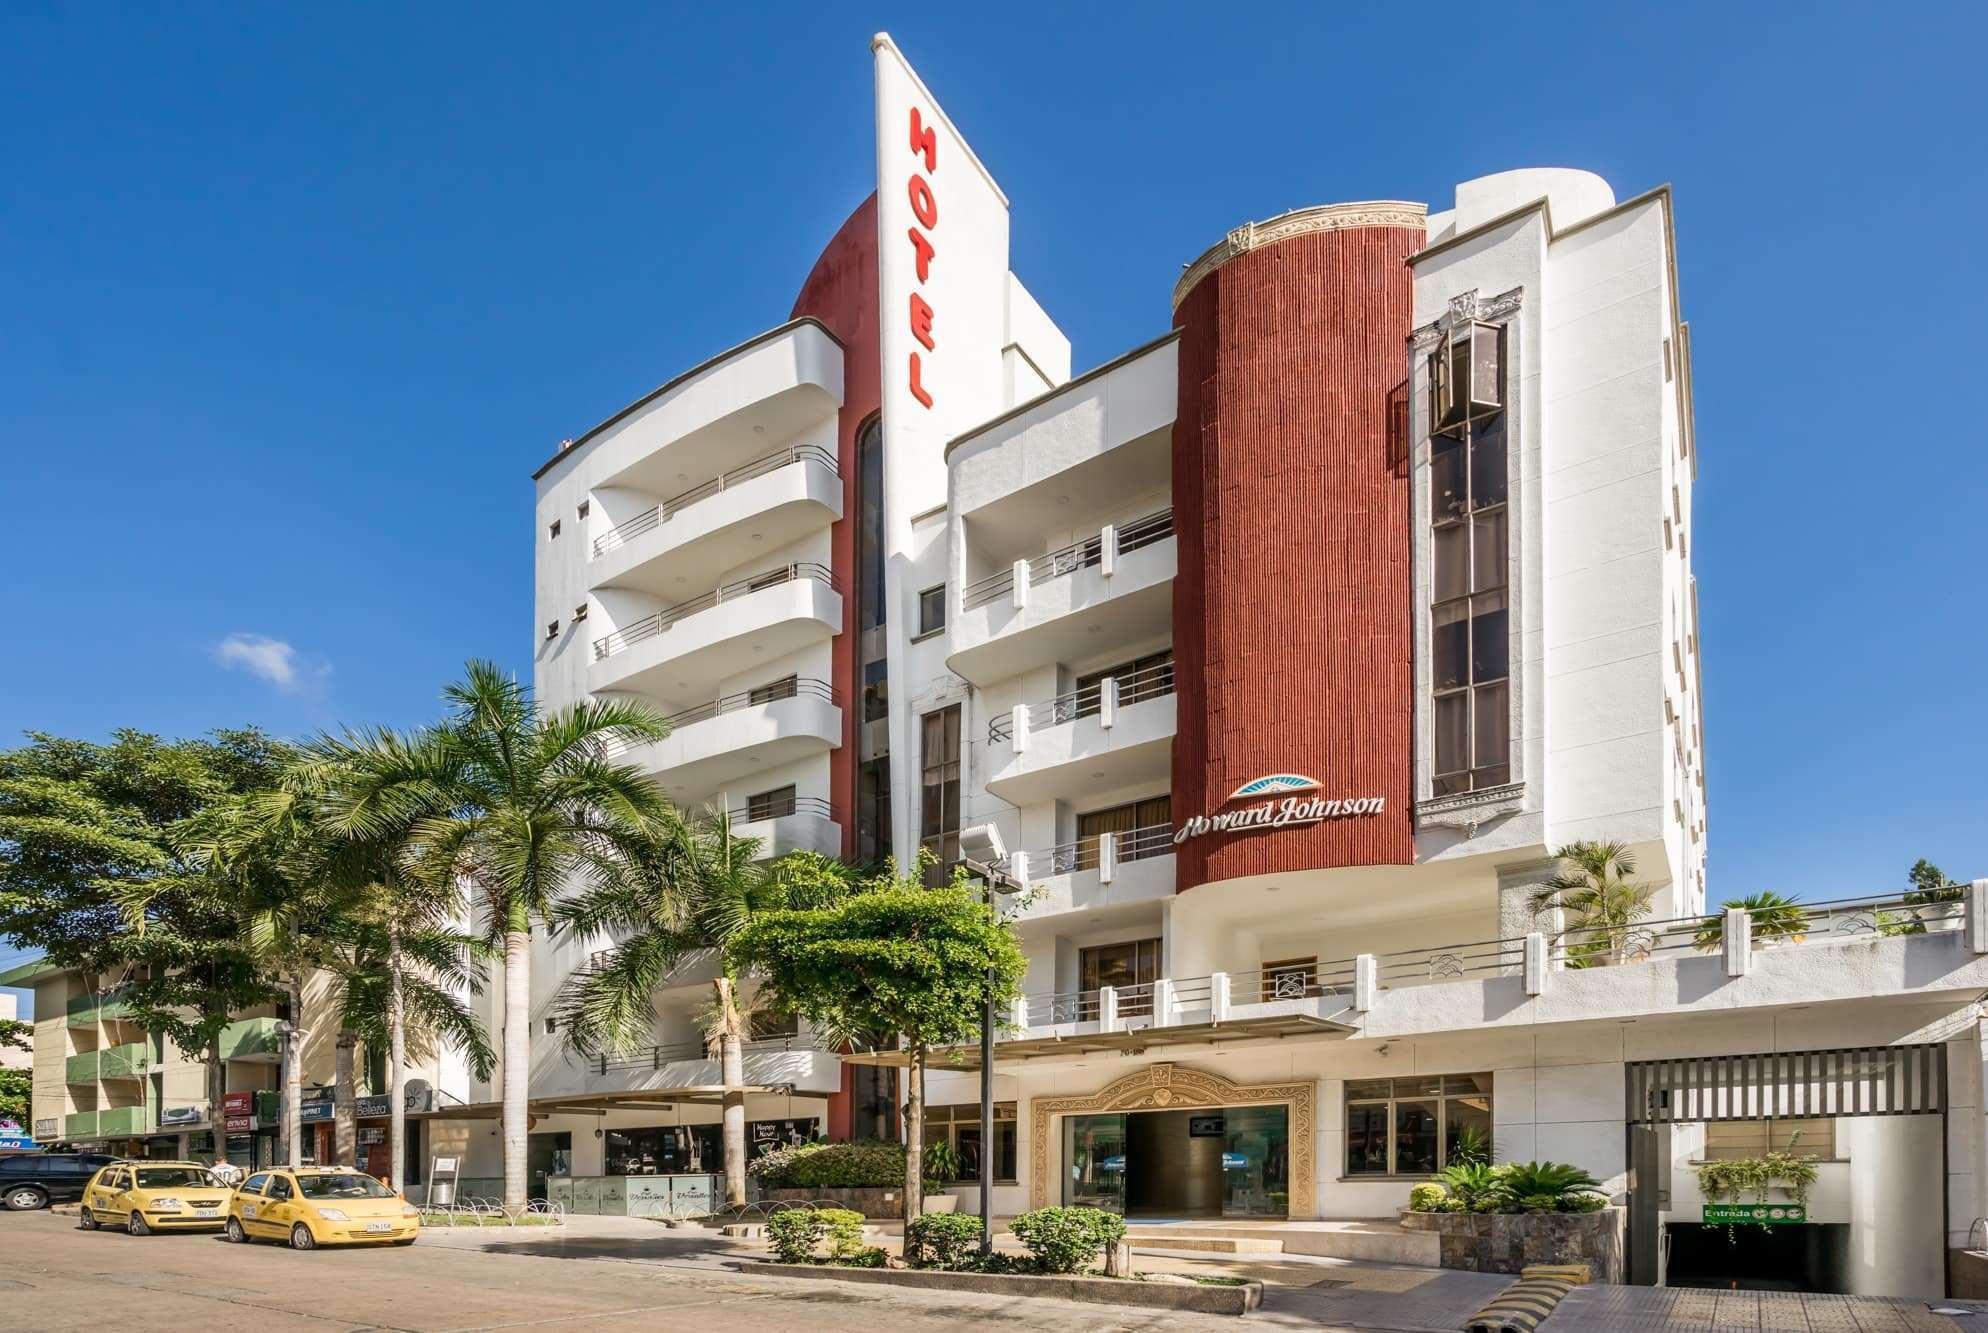 Howard Johnson Hotel Versalles Barranquilla, Barranquilla